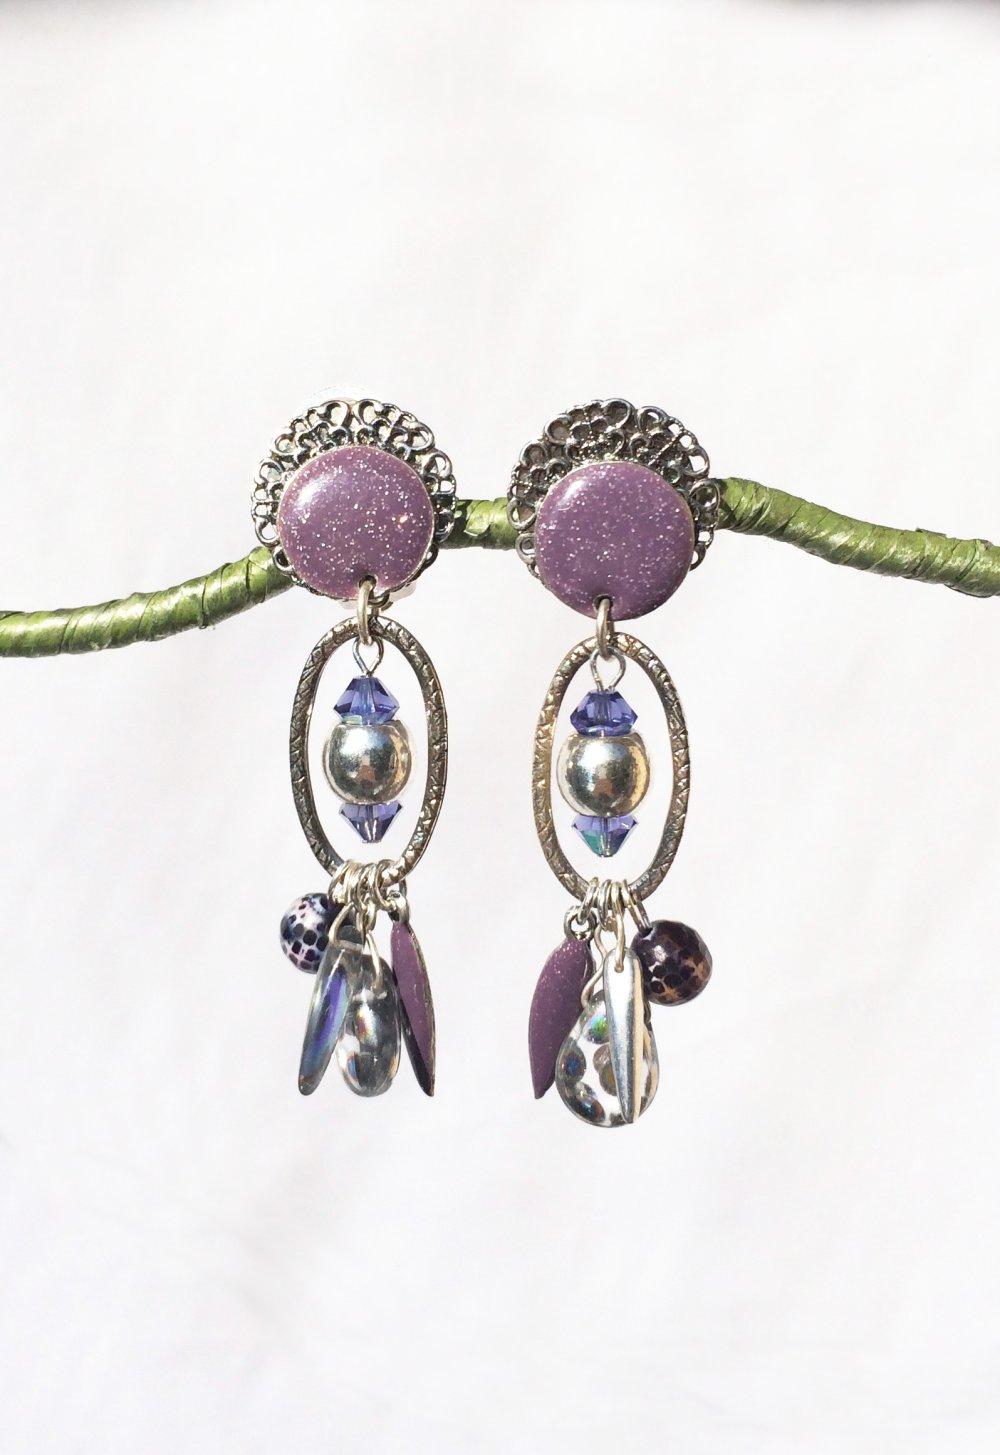 CLIP Boucles d'oreilles Clips Violet  & argenté Cloisonné Bijoux Créateur Création française